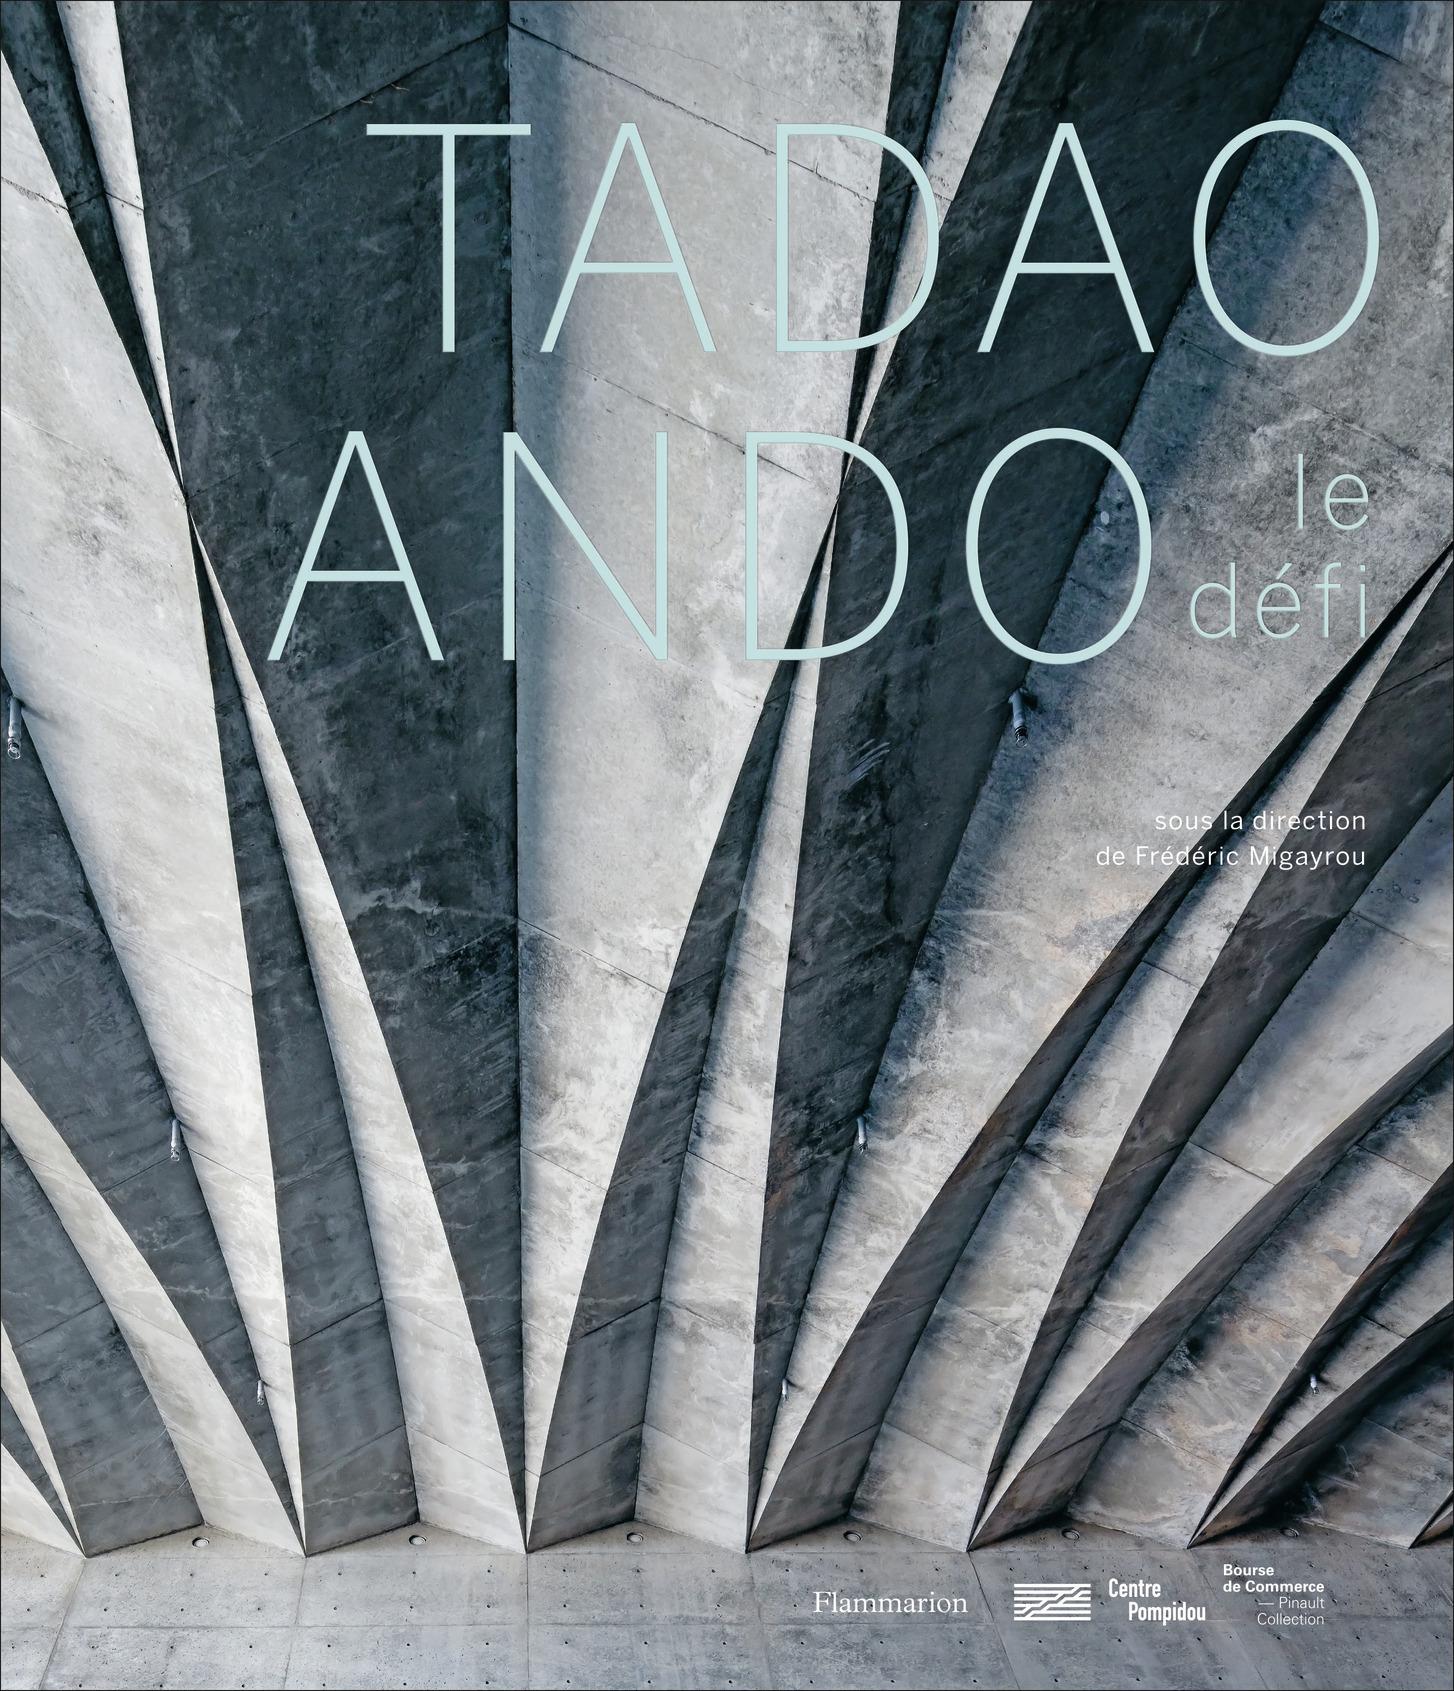 ARCHITECTURE & DESIGN - TADAO ANDO - LE DEFI